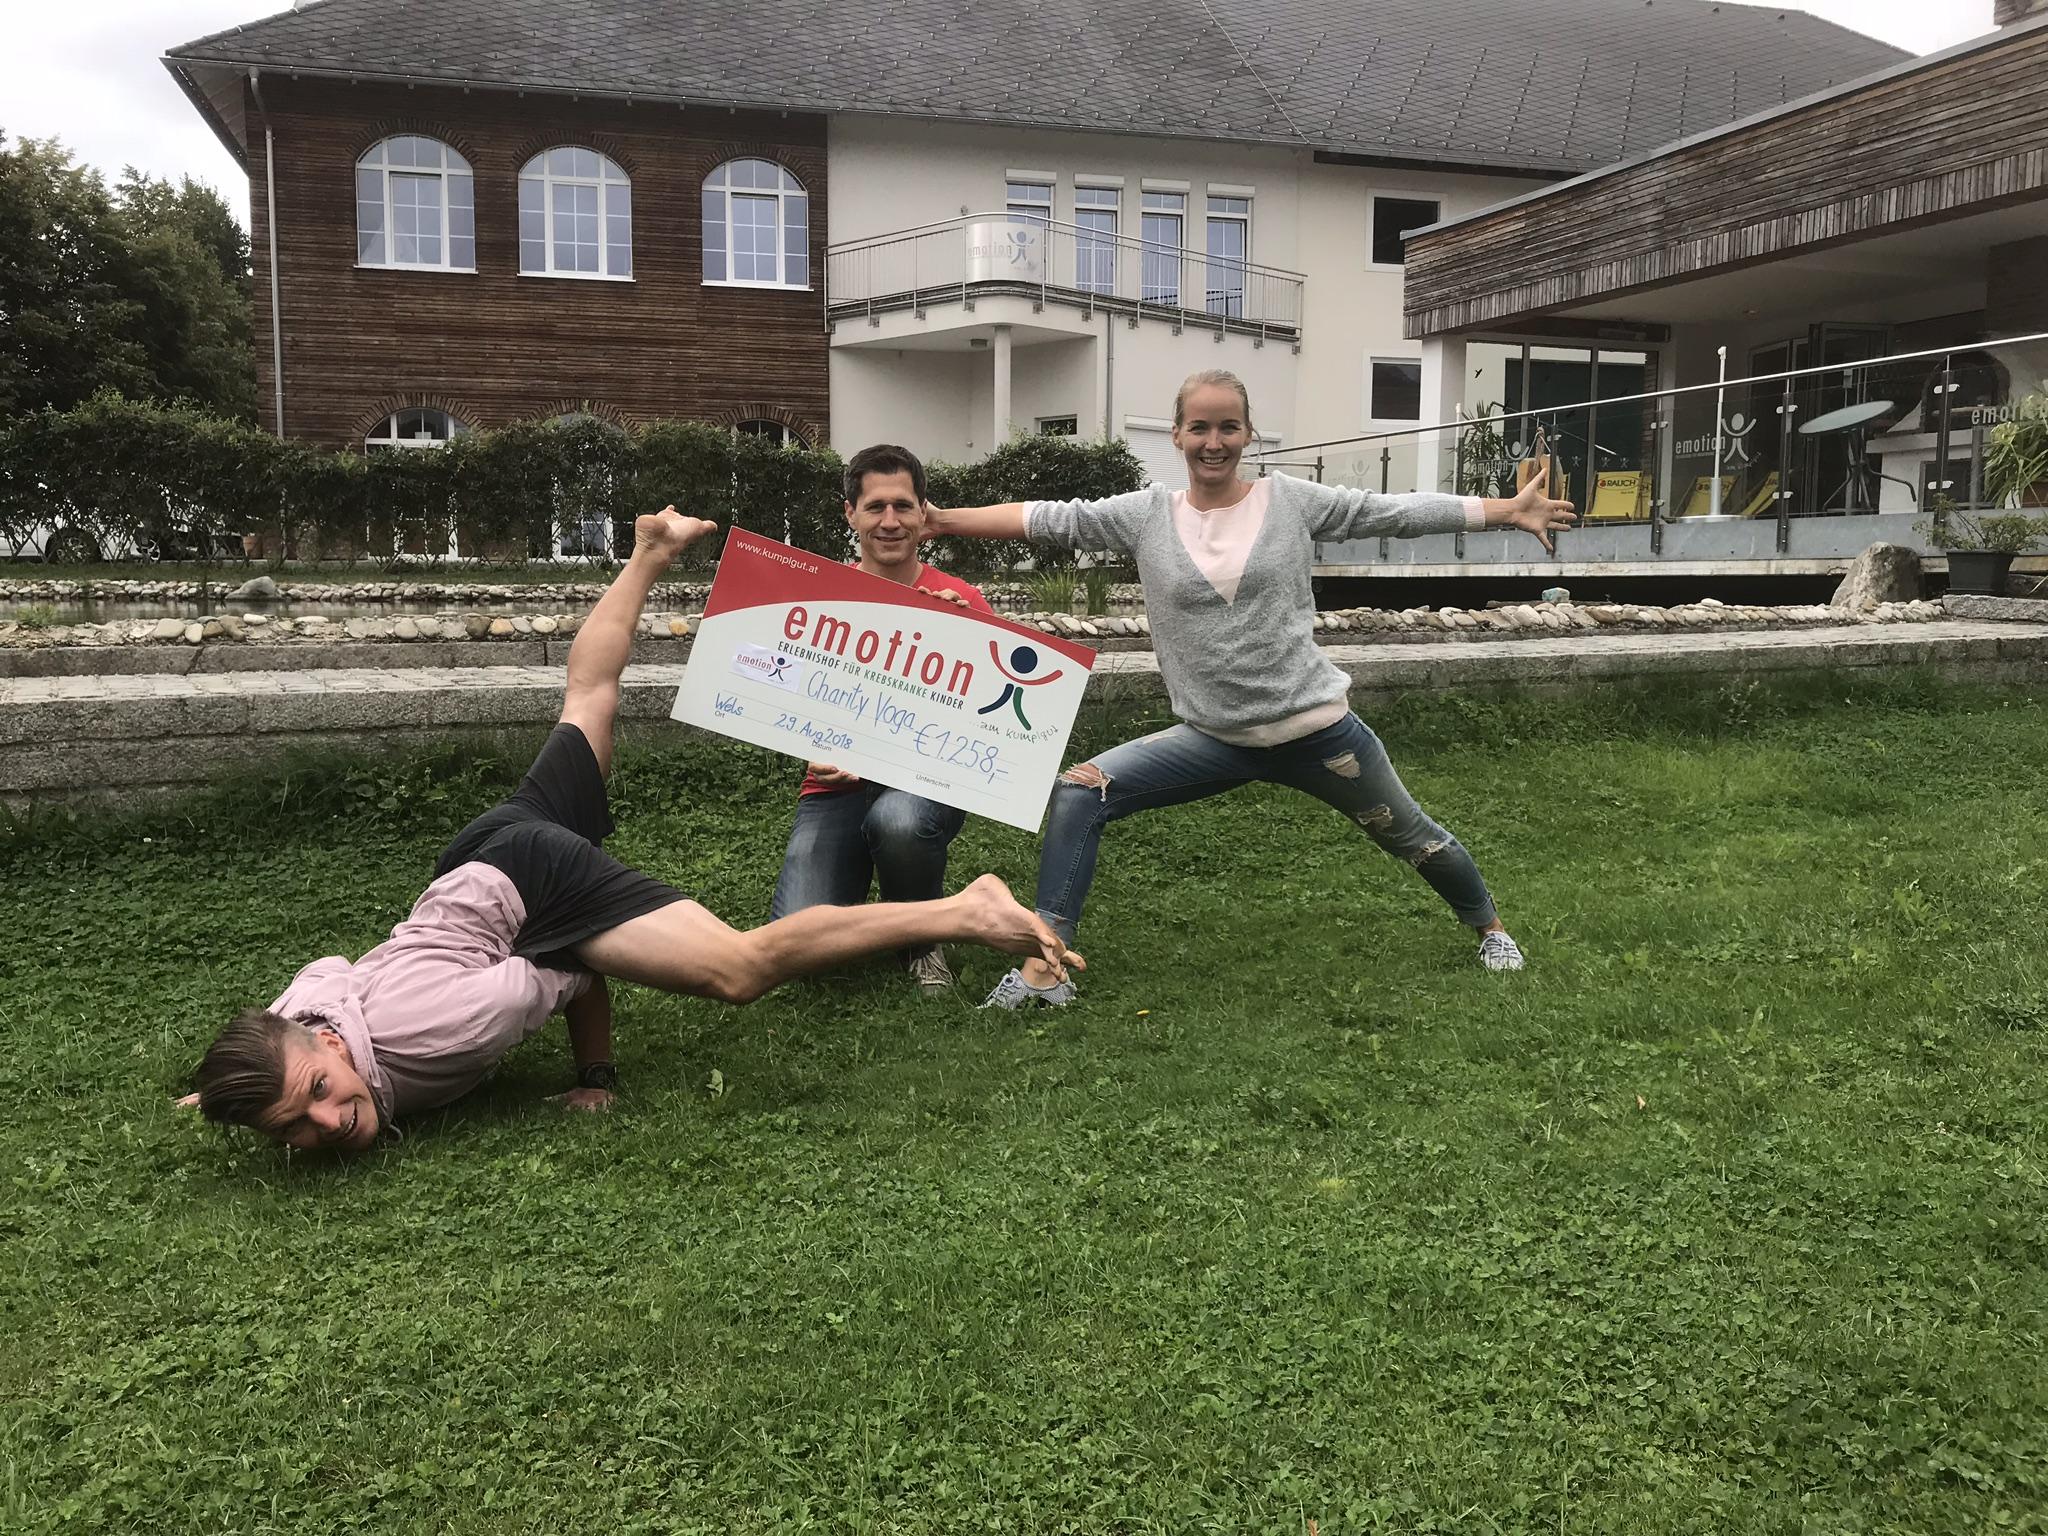 Gernot Lederbauer lud zum Charity Yoga auf das Kumplgut in Wels ein